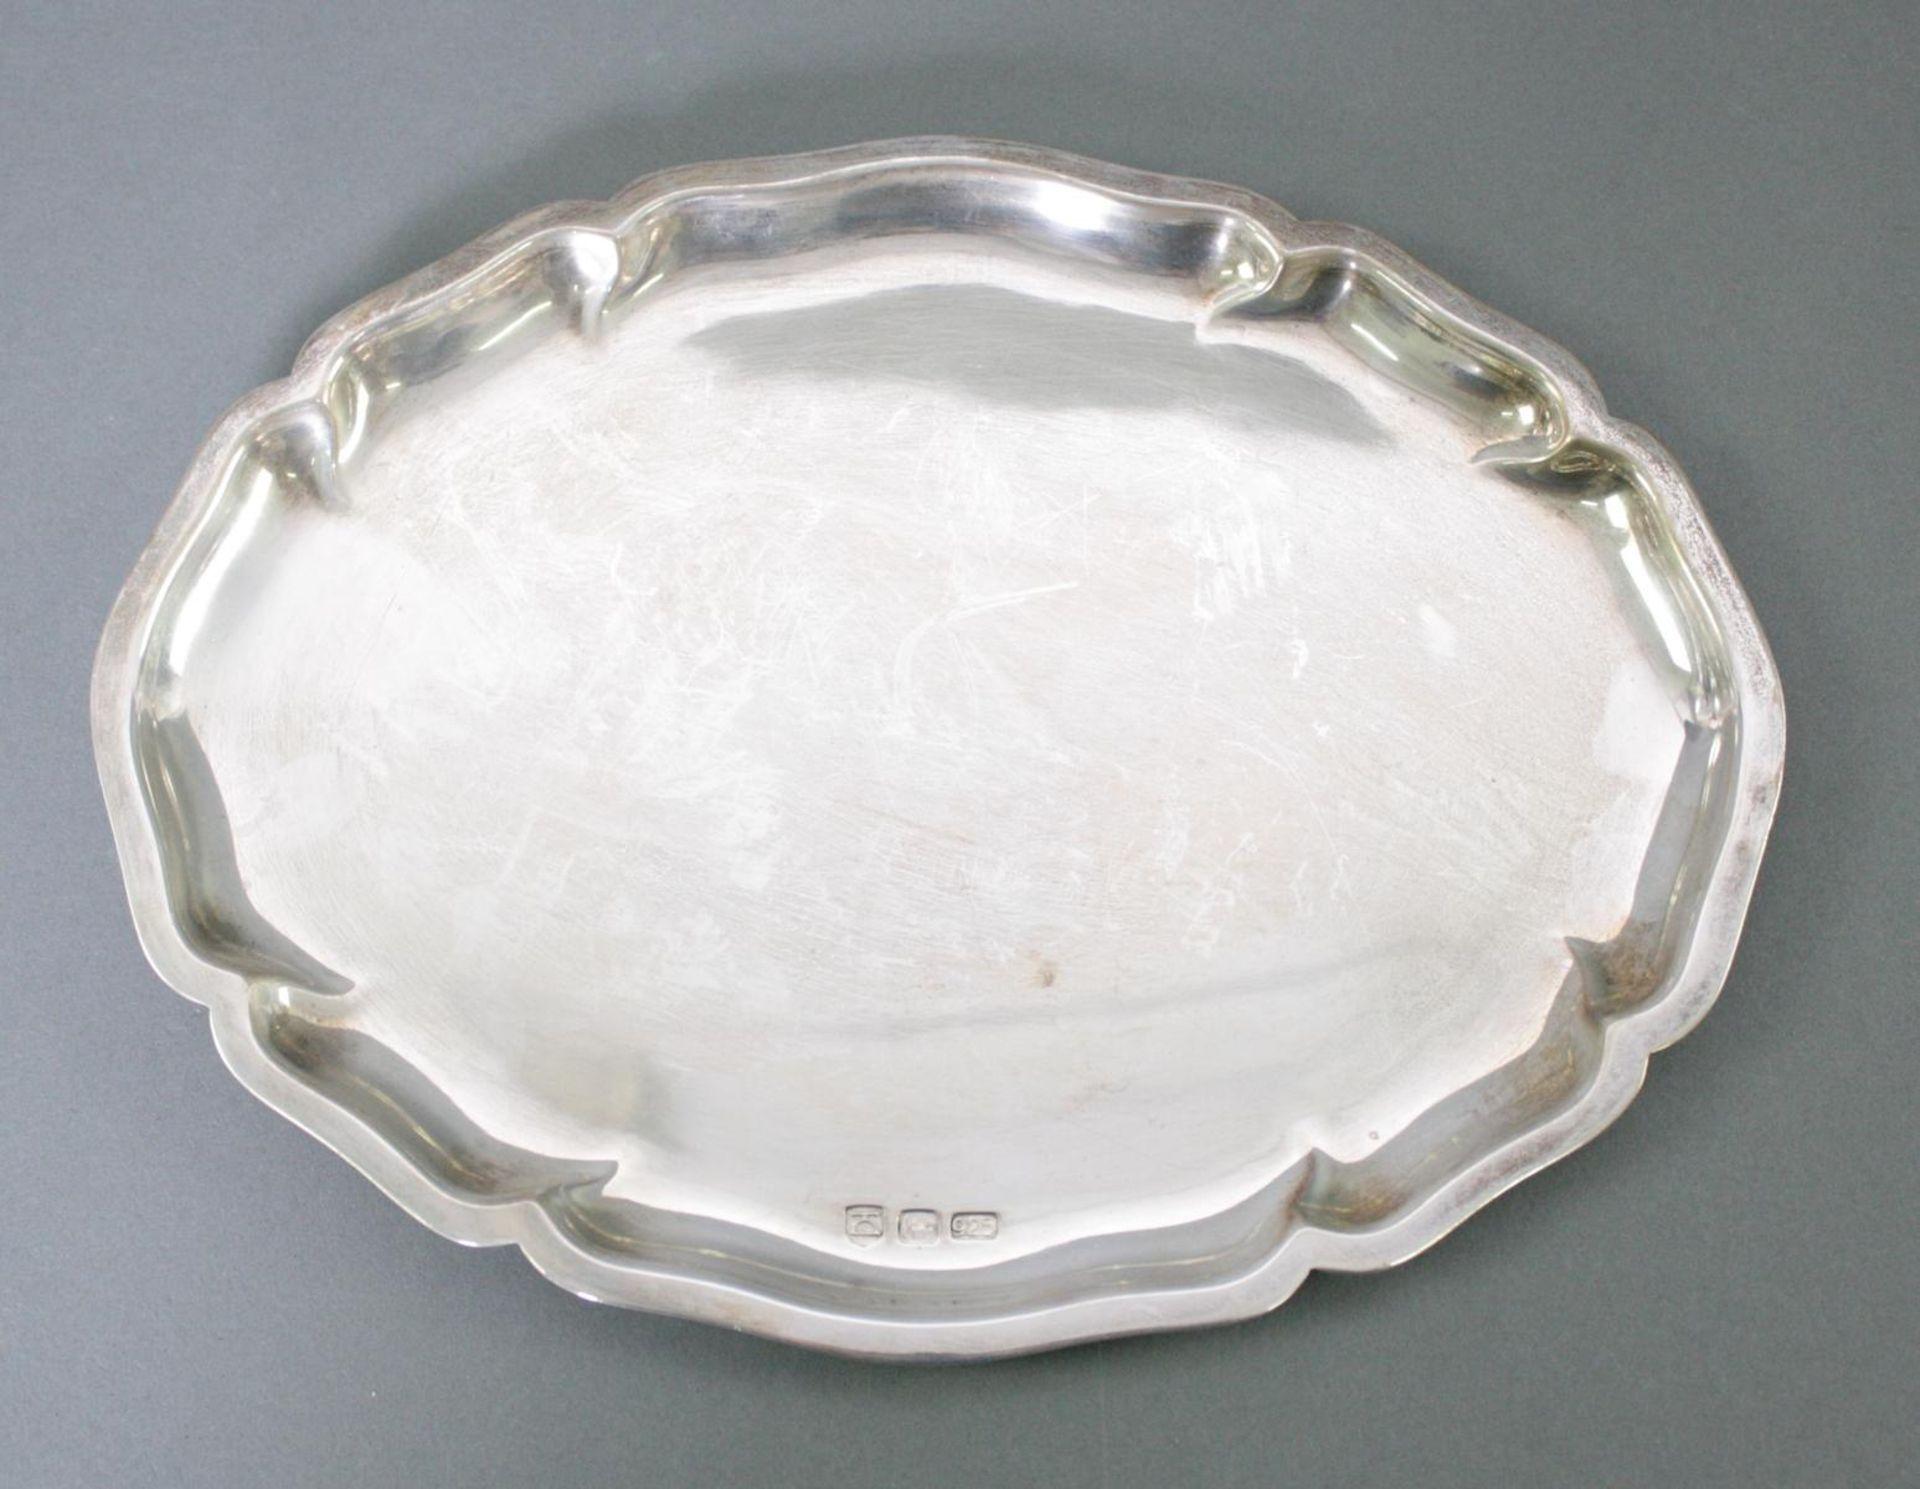 Ovale Silberplatte, 925 Silber